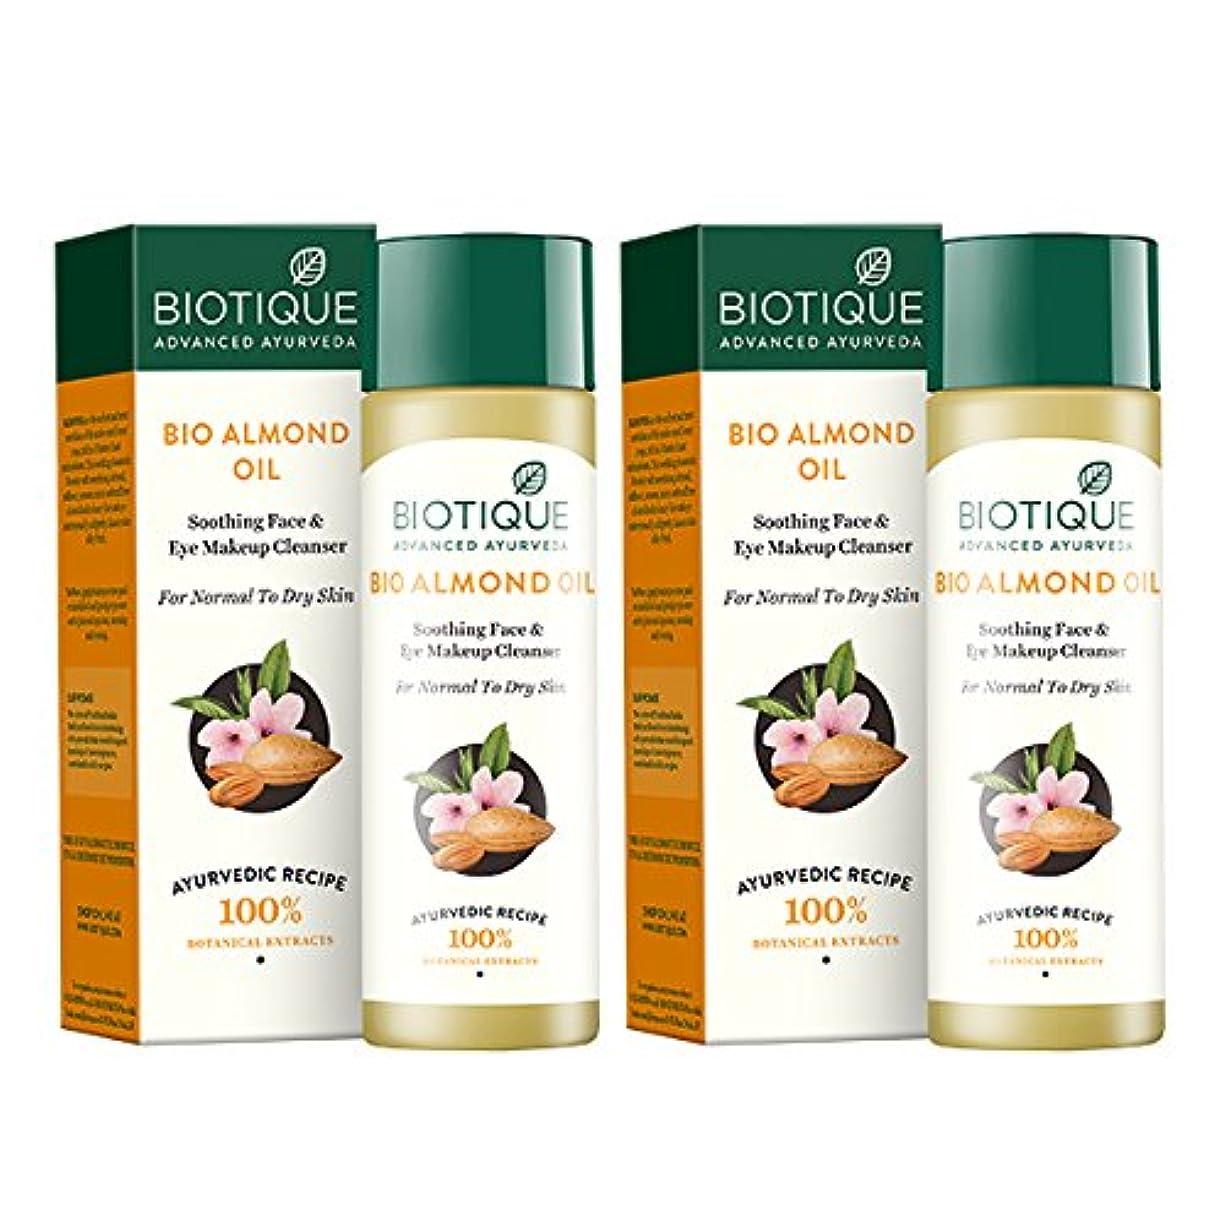 ベジタリアン補うジレンマBiotique Bio Almond Oil Soothing Face and Eye Makeup Cleanser for Normal To Dry Skin, 120ml (Pack of 2)